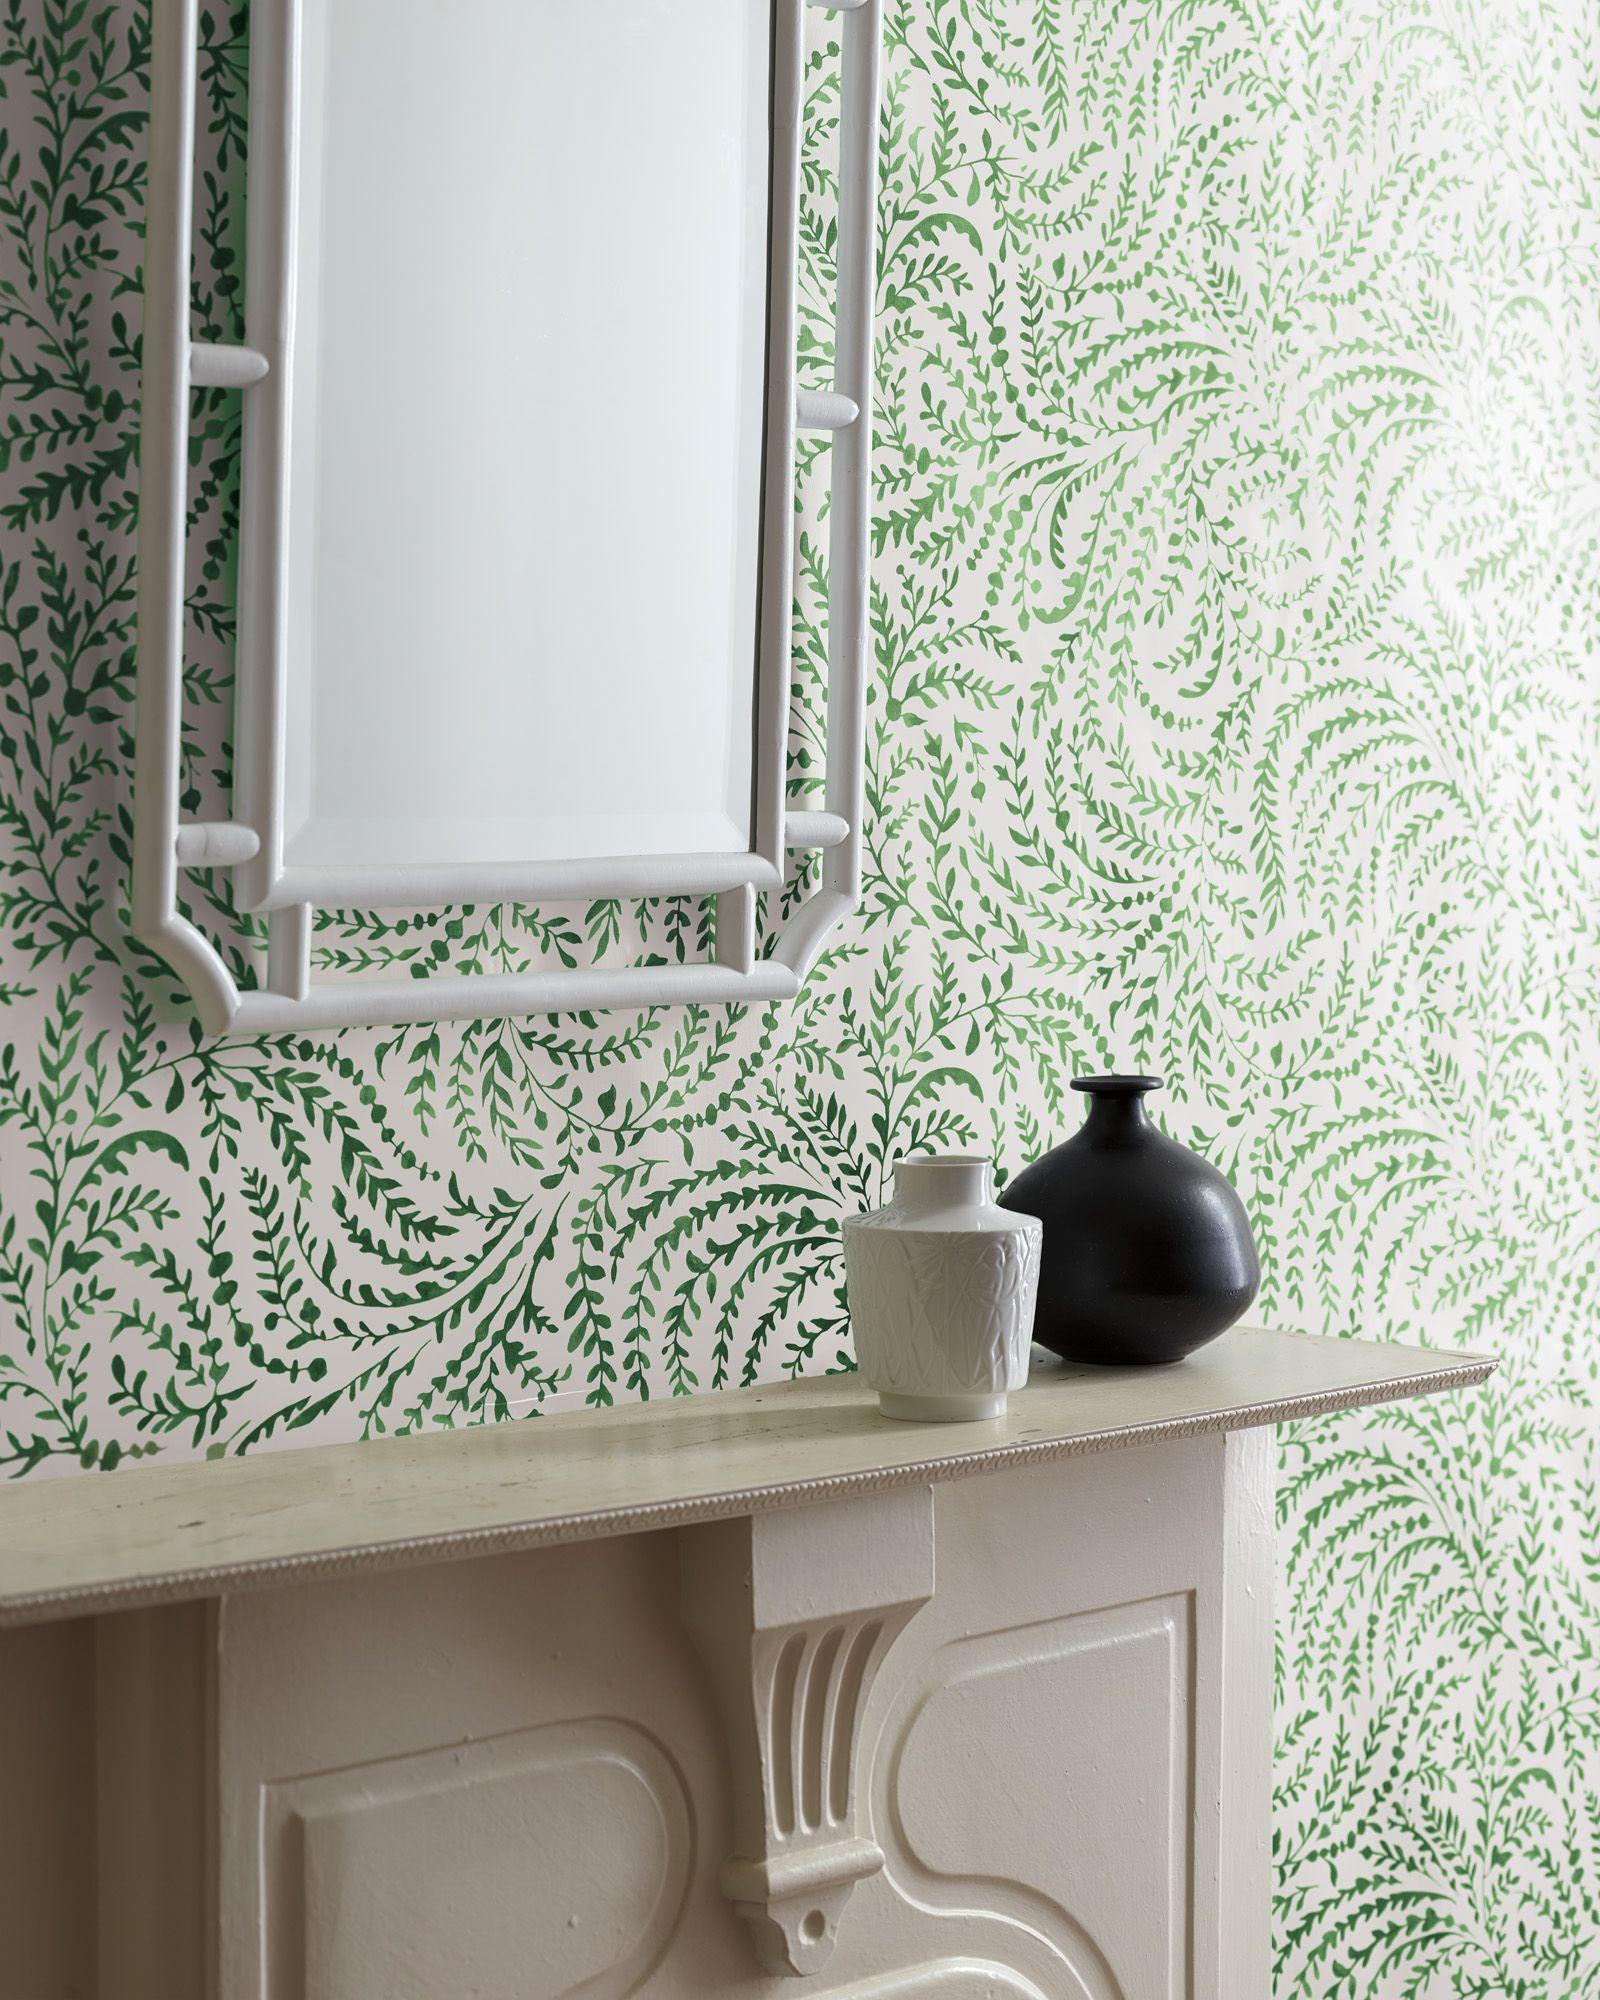 Priano Wallpaper Wppr24 01 In 2019 Bathroom Wall Decor